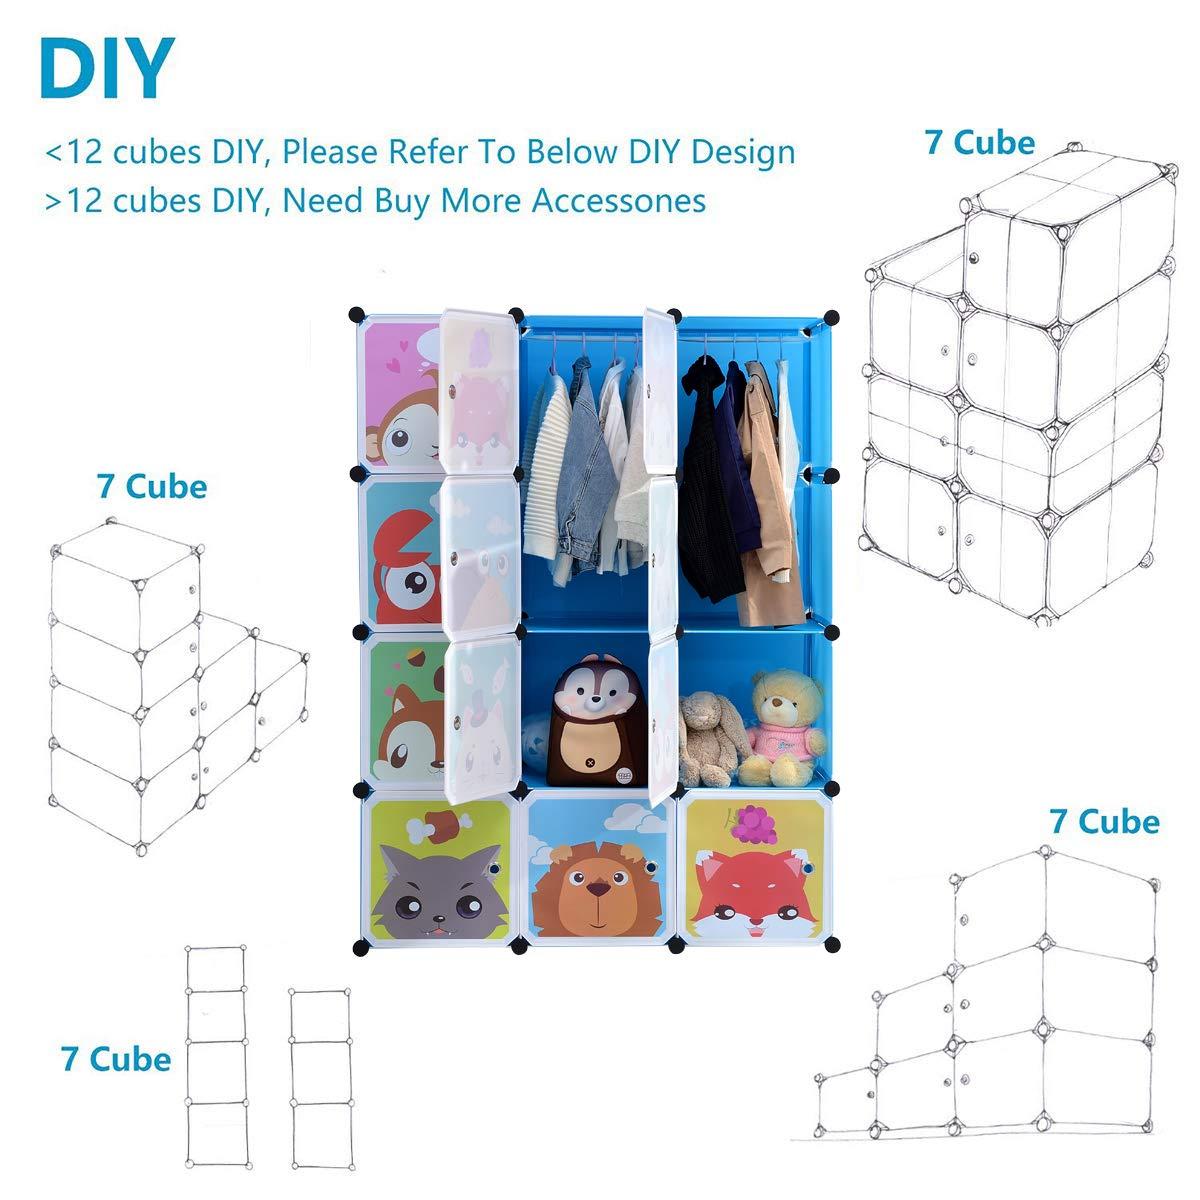 BRIAN & DANY Erweiterbares Kinderregal Kinder Kleiderschrank Stufenregal Bücherregal mit Türen & 2 Aufhängern, tiefere Fächer als normal (45 cm vs. 35 cm), 110 x 47 x 147 cm Blau 4